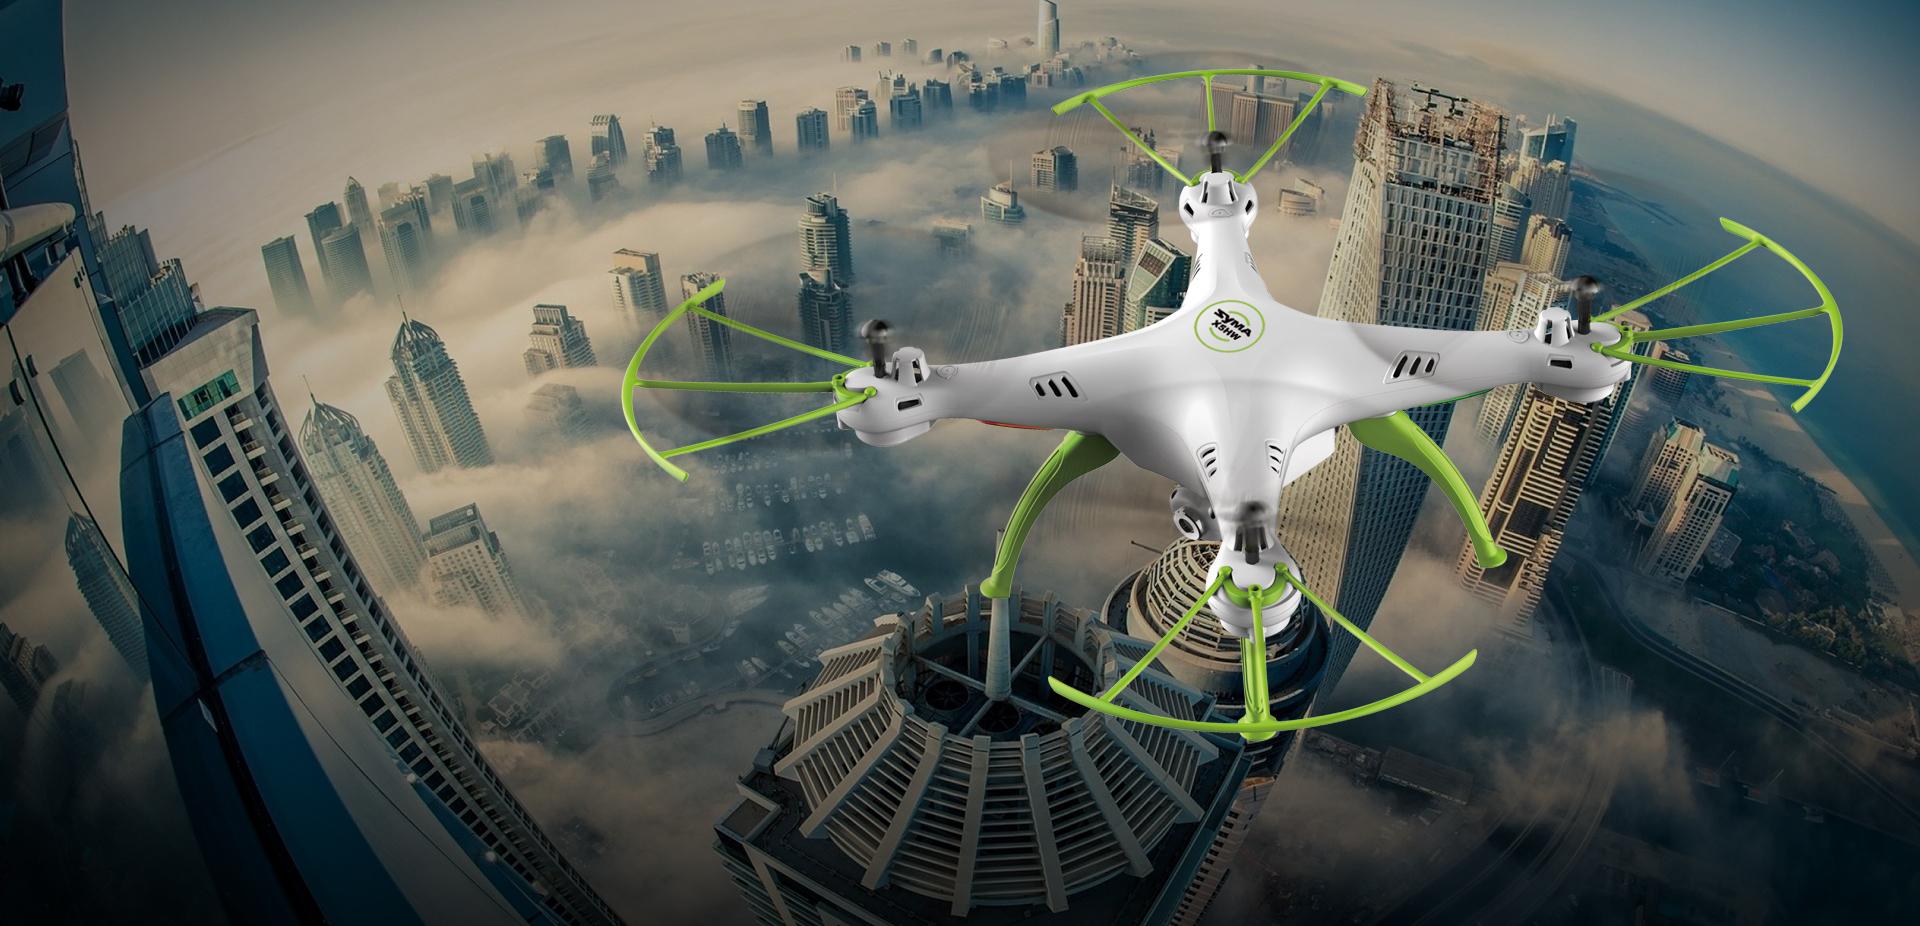 syma-x5hw-drone